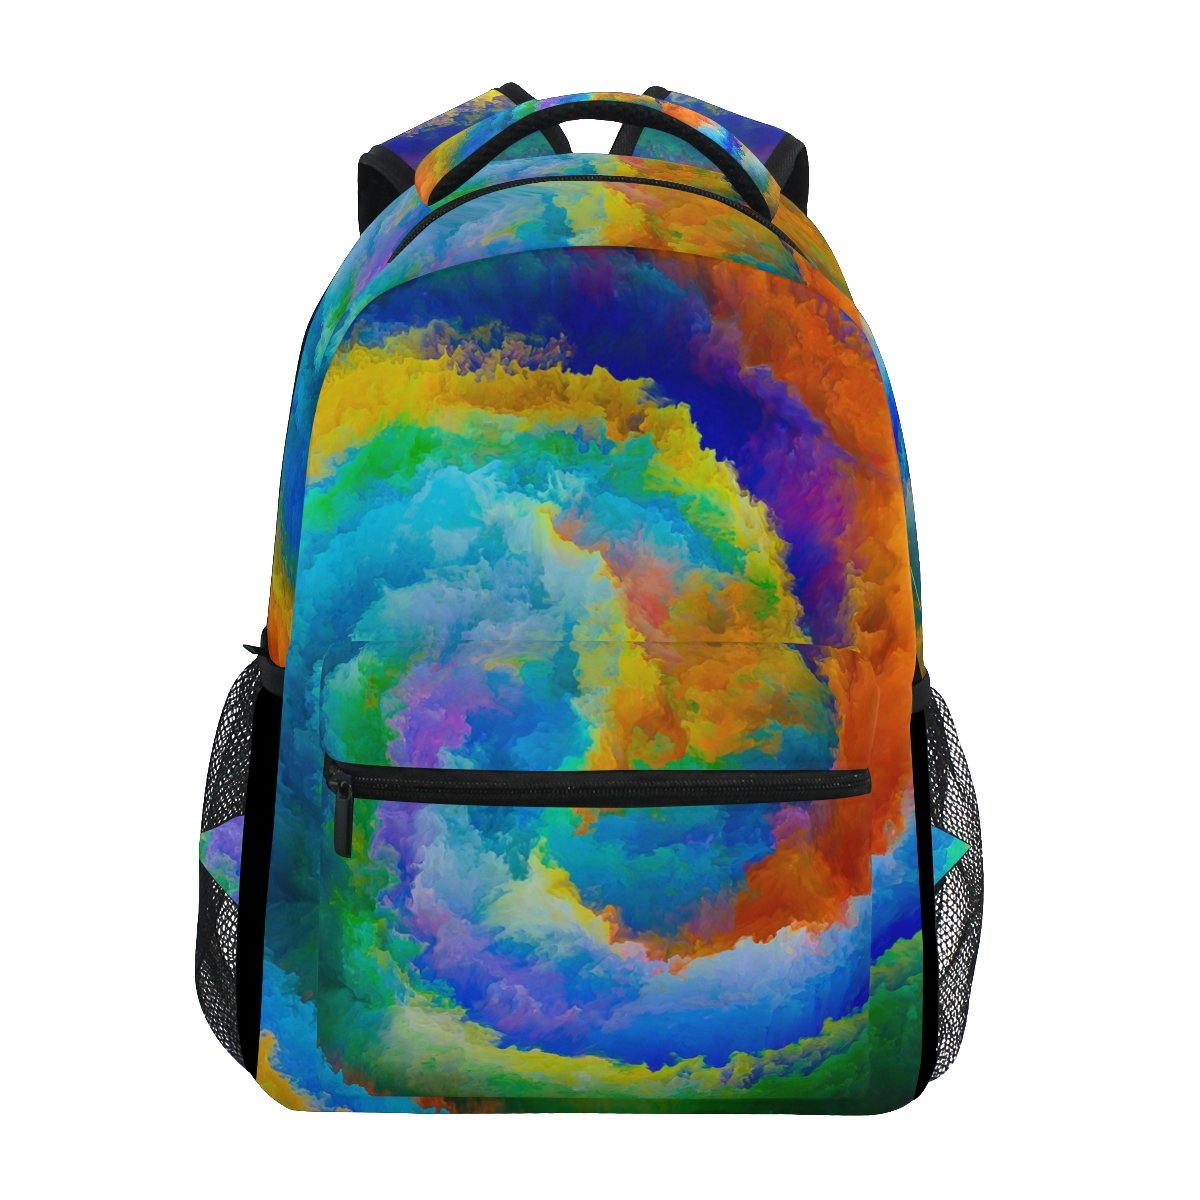 ahomyカラフルな星雲スペースバックパックガールズカレッジスクールバッグレディースカジュアル旅行用デイパック   B07FTGT44W